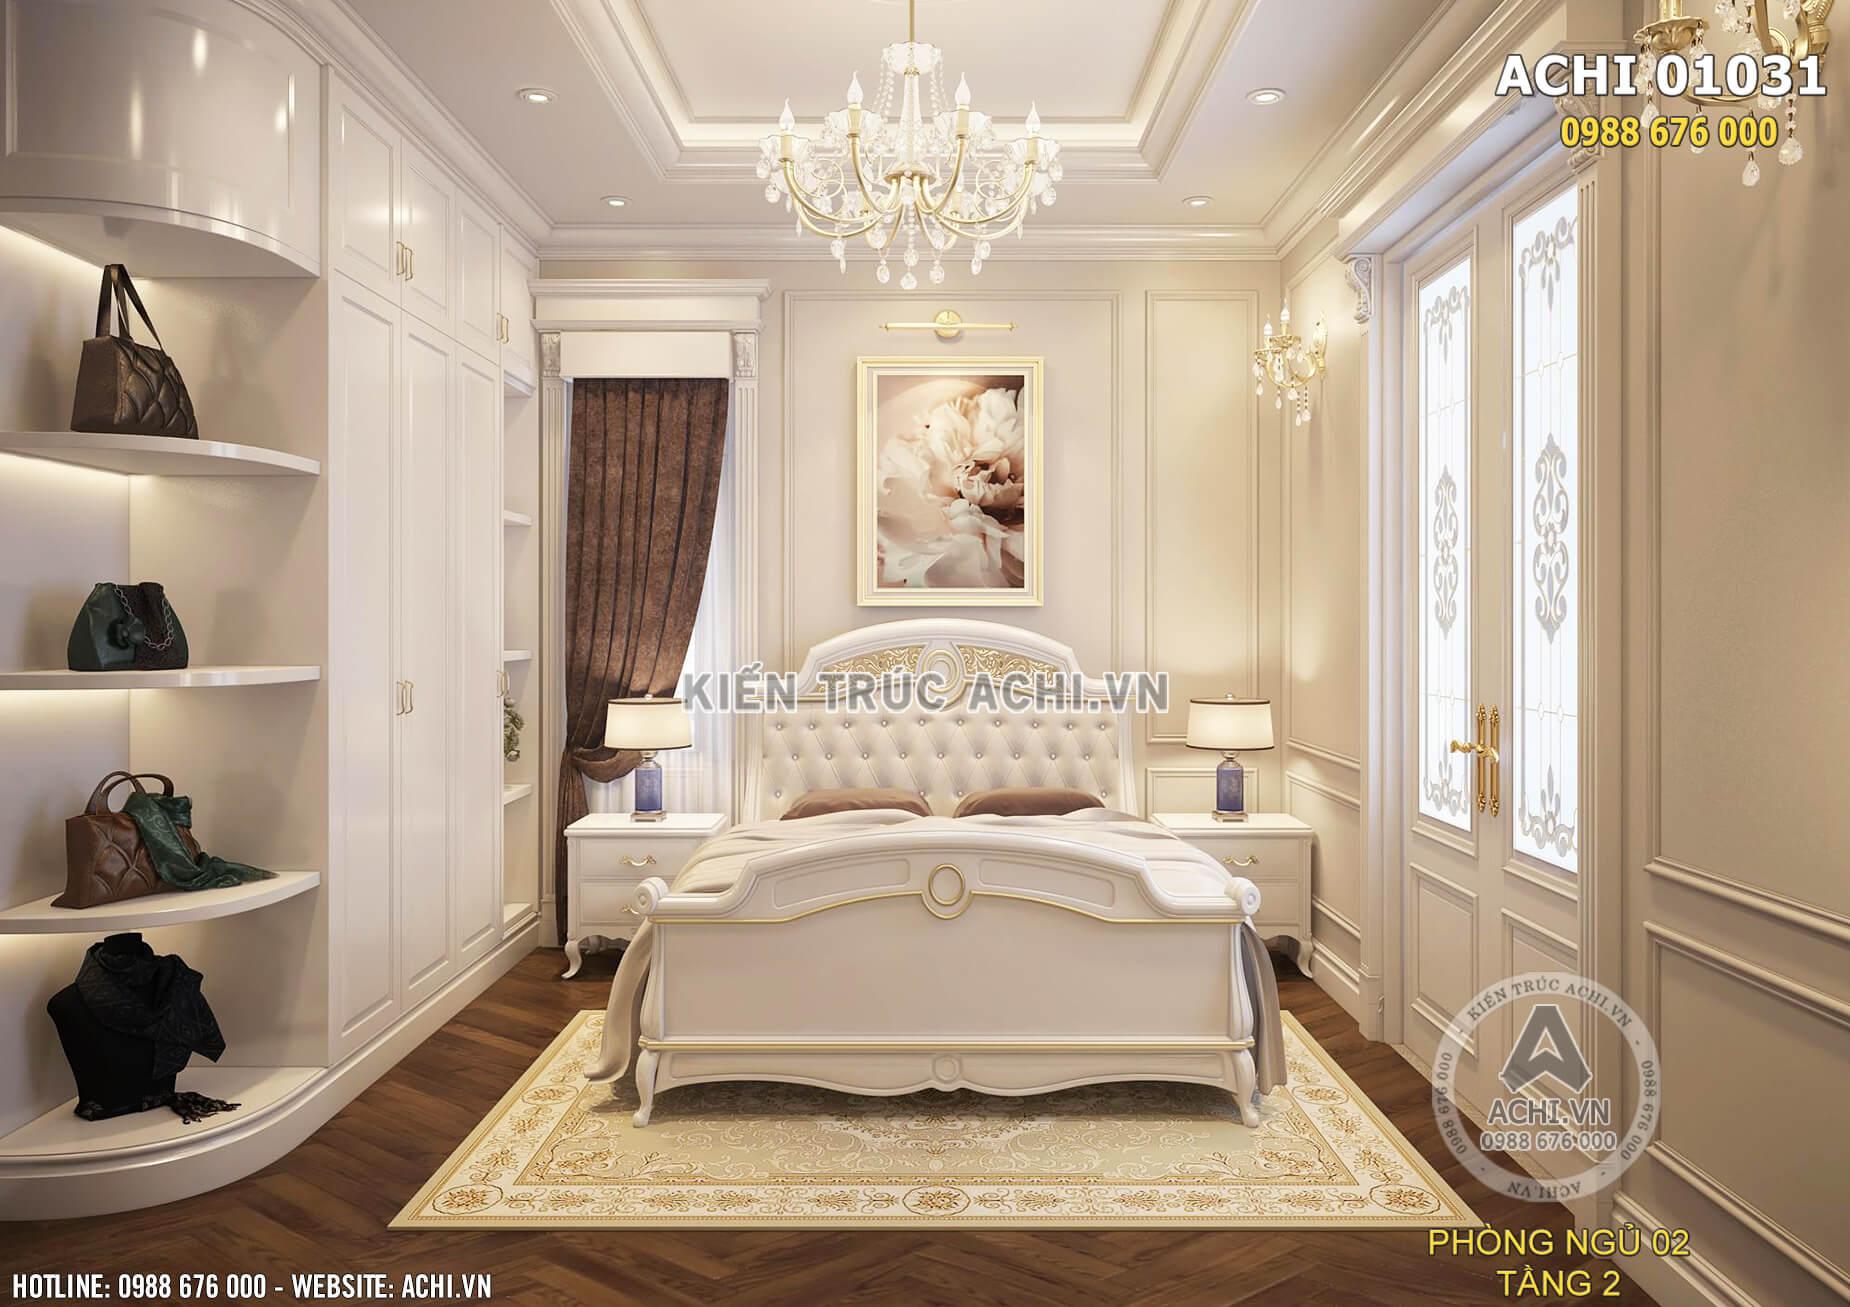 Căn phòng ngủ với hệ thống ánh sáng hài hòa mang đến cảm giác ấm áp